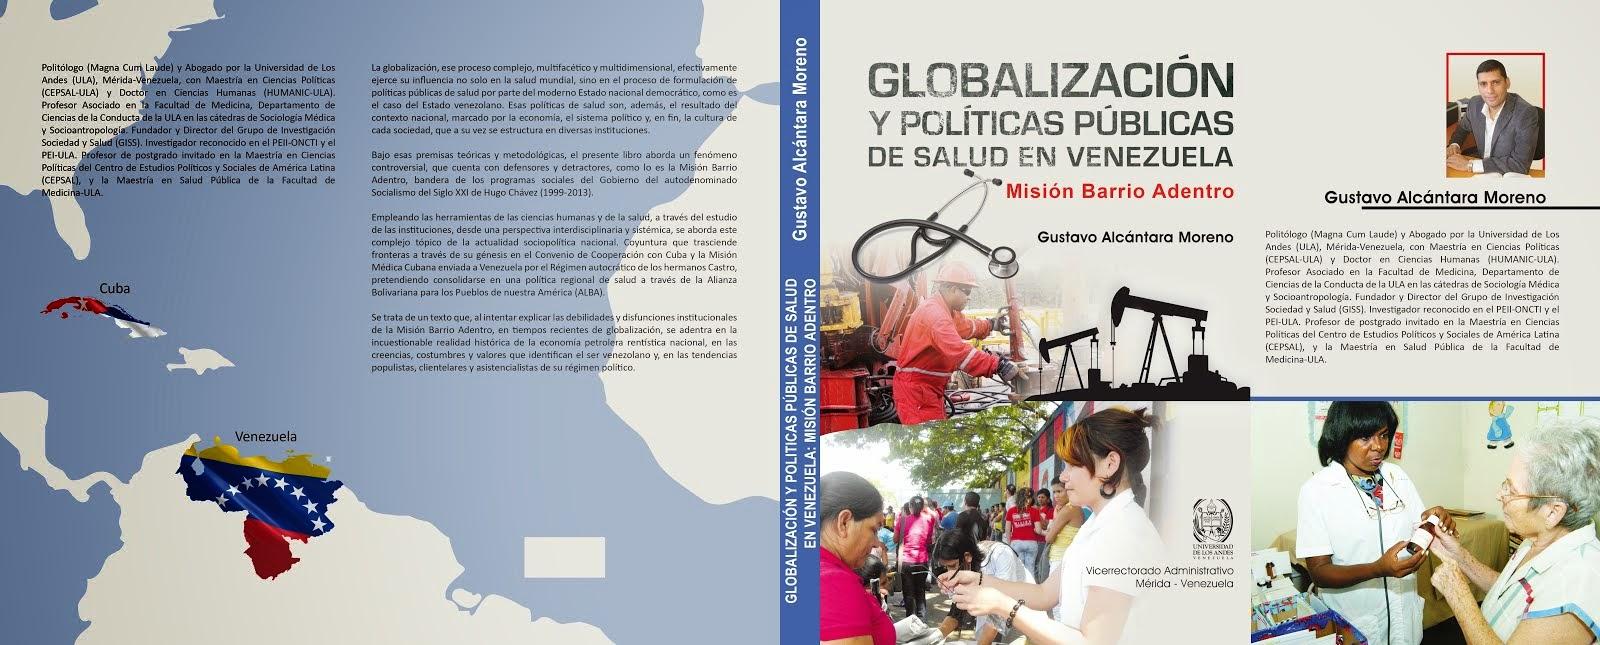 Globalización y políticas de salud en Venezuela: Misión Barrio Adentro